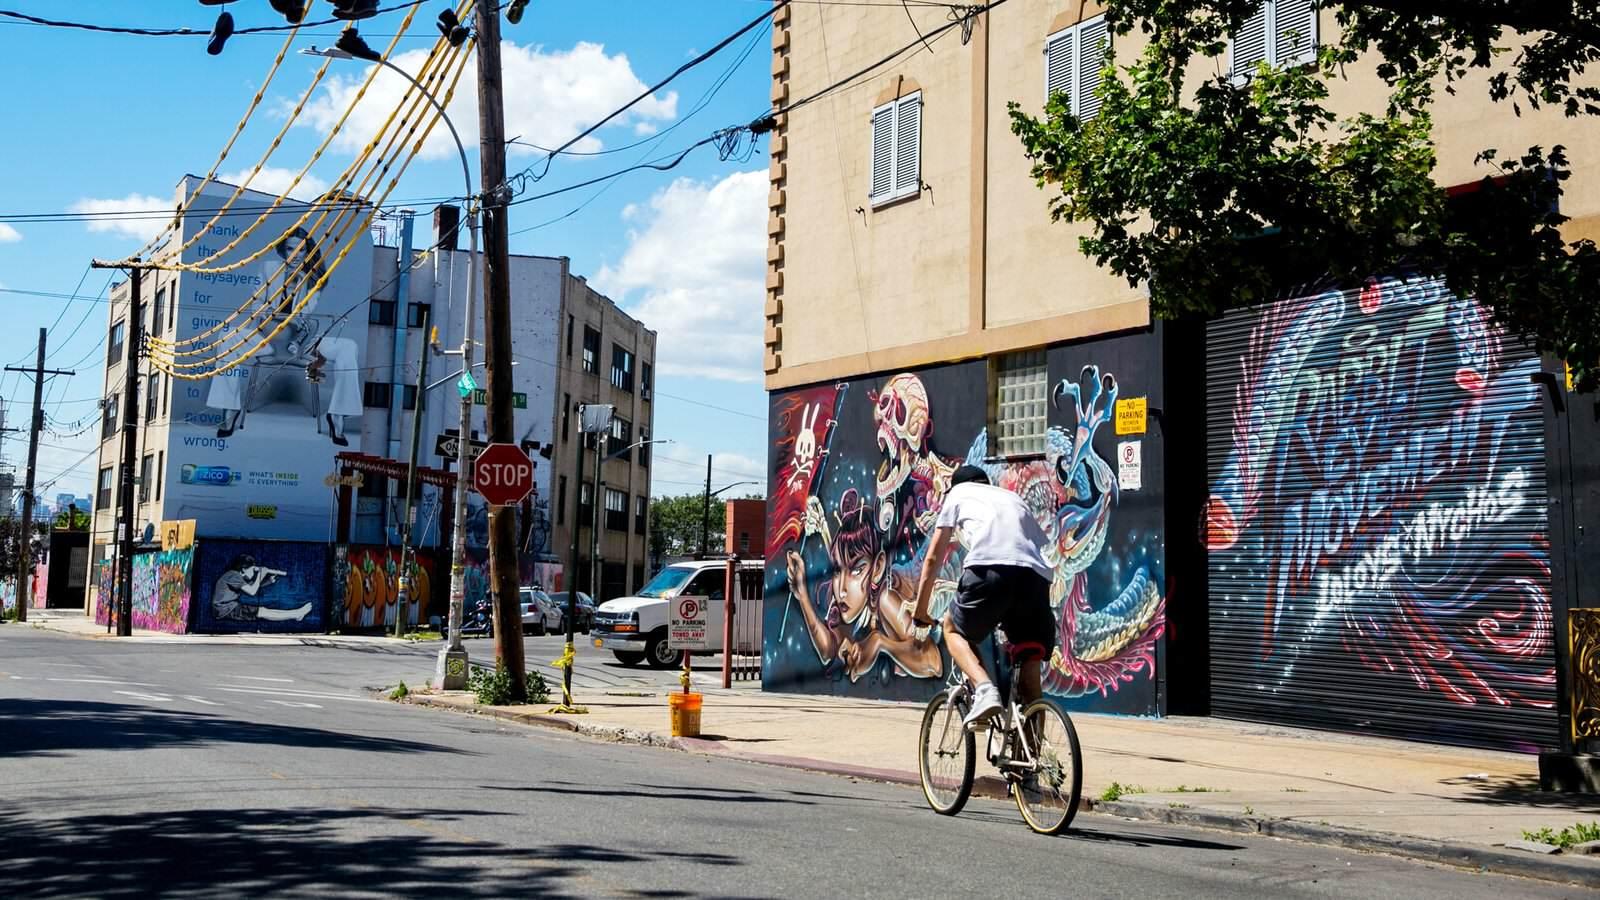 Motivos para visitar o Brooklyn em Nova York 3 dicas Viaje Global